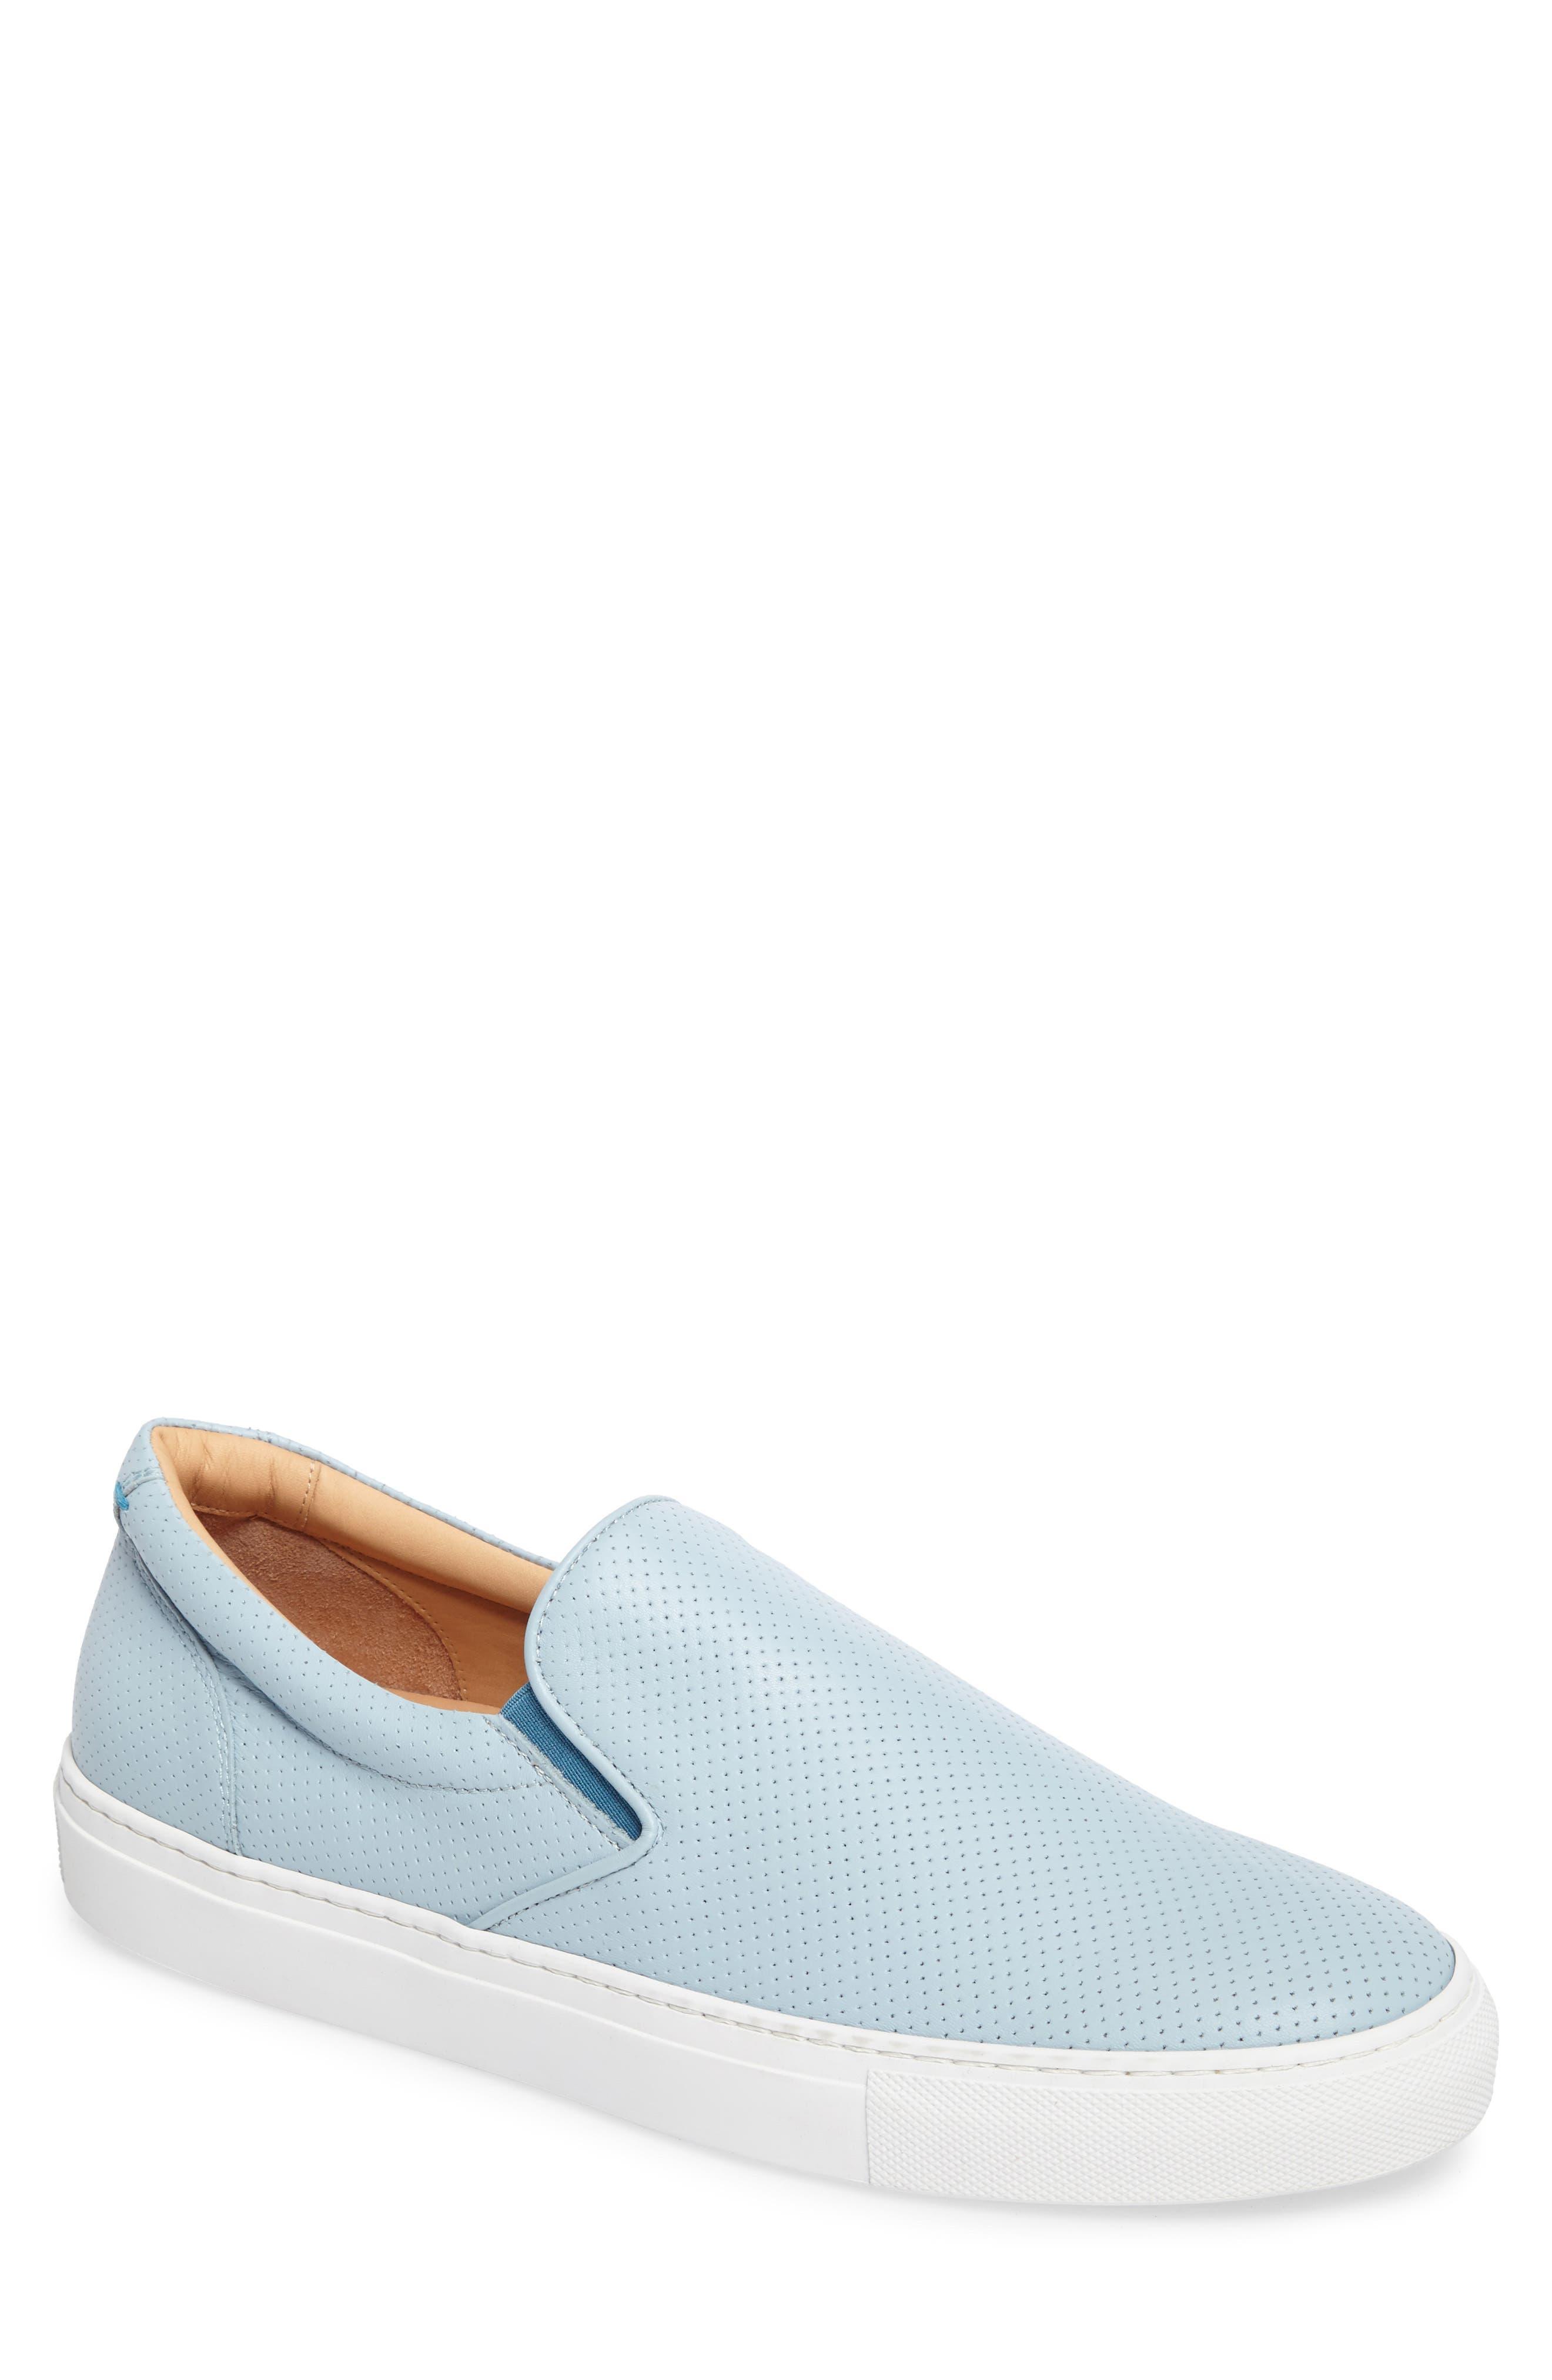 Greats Wooster Slip-On Sneaker, Blue